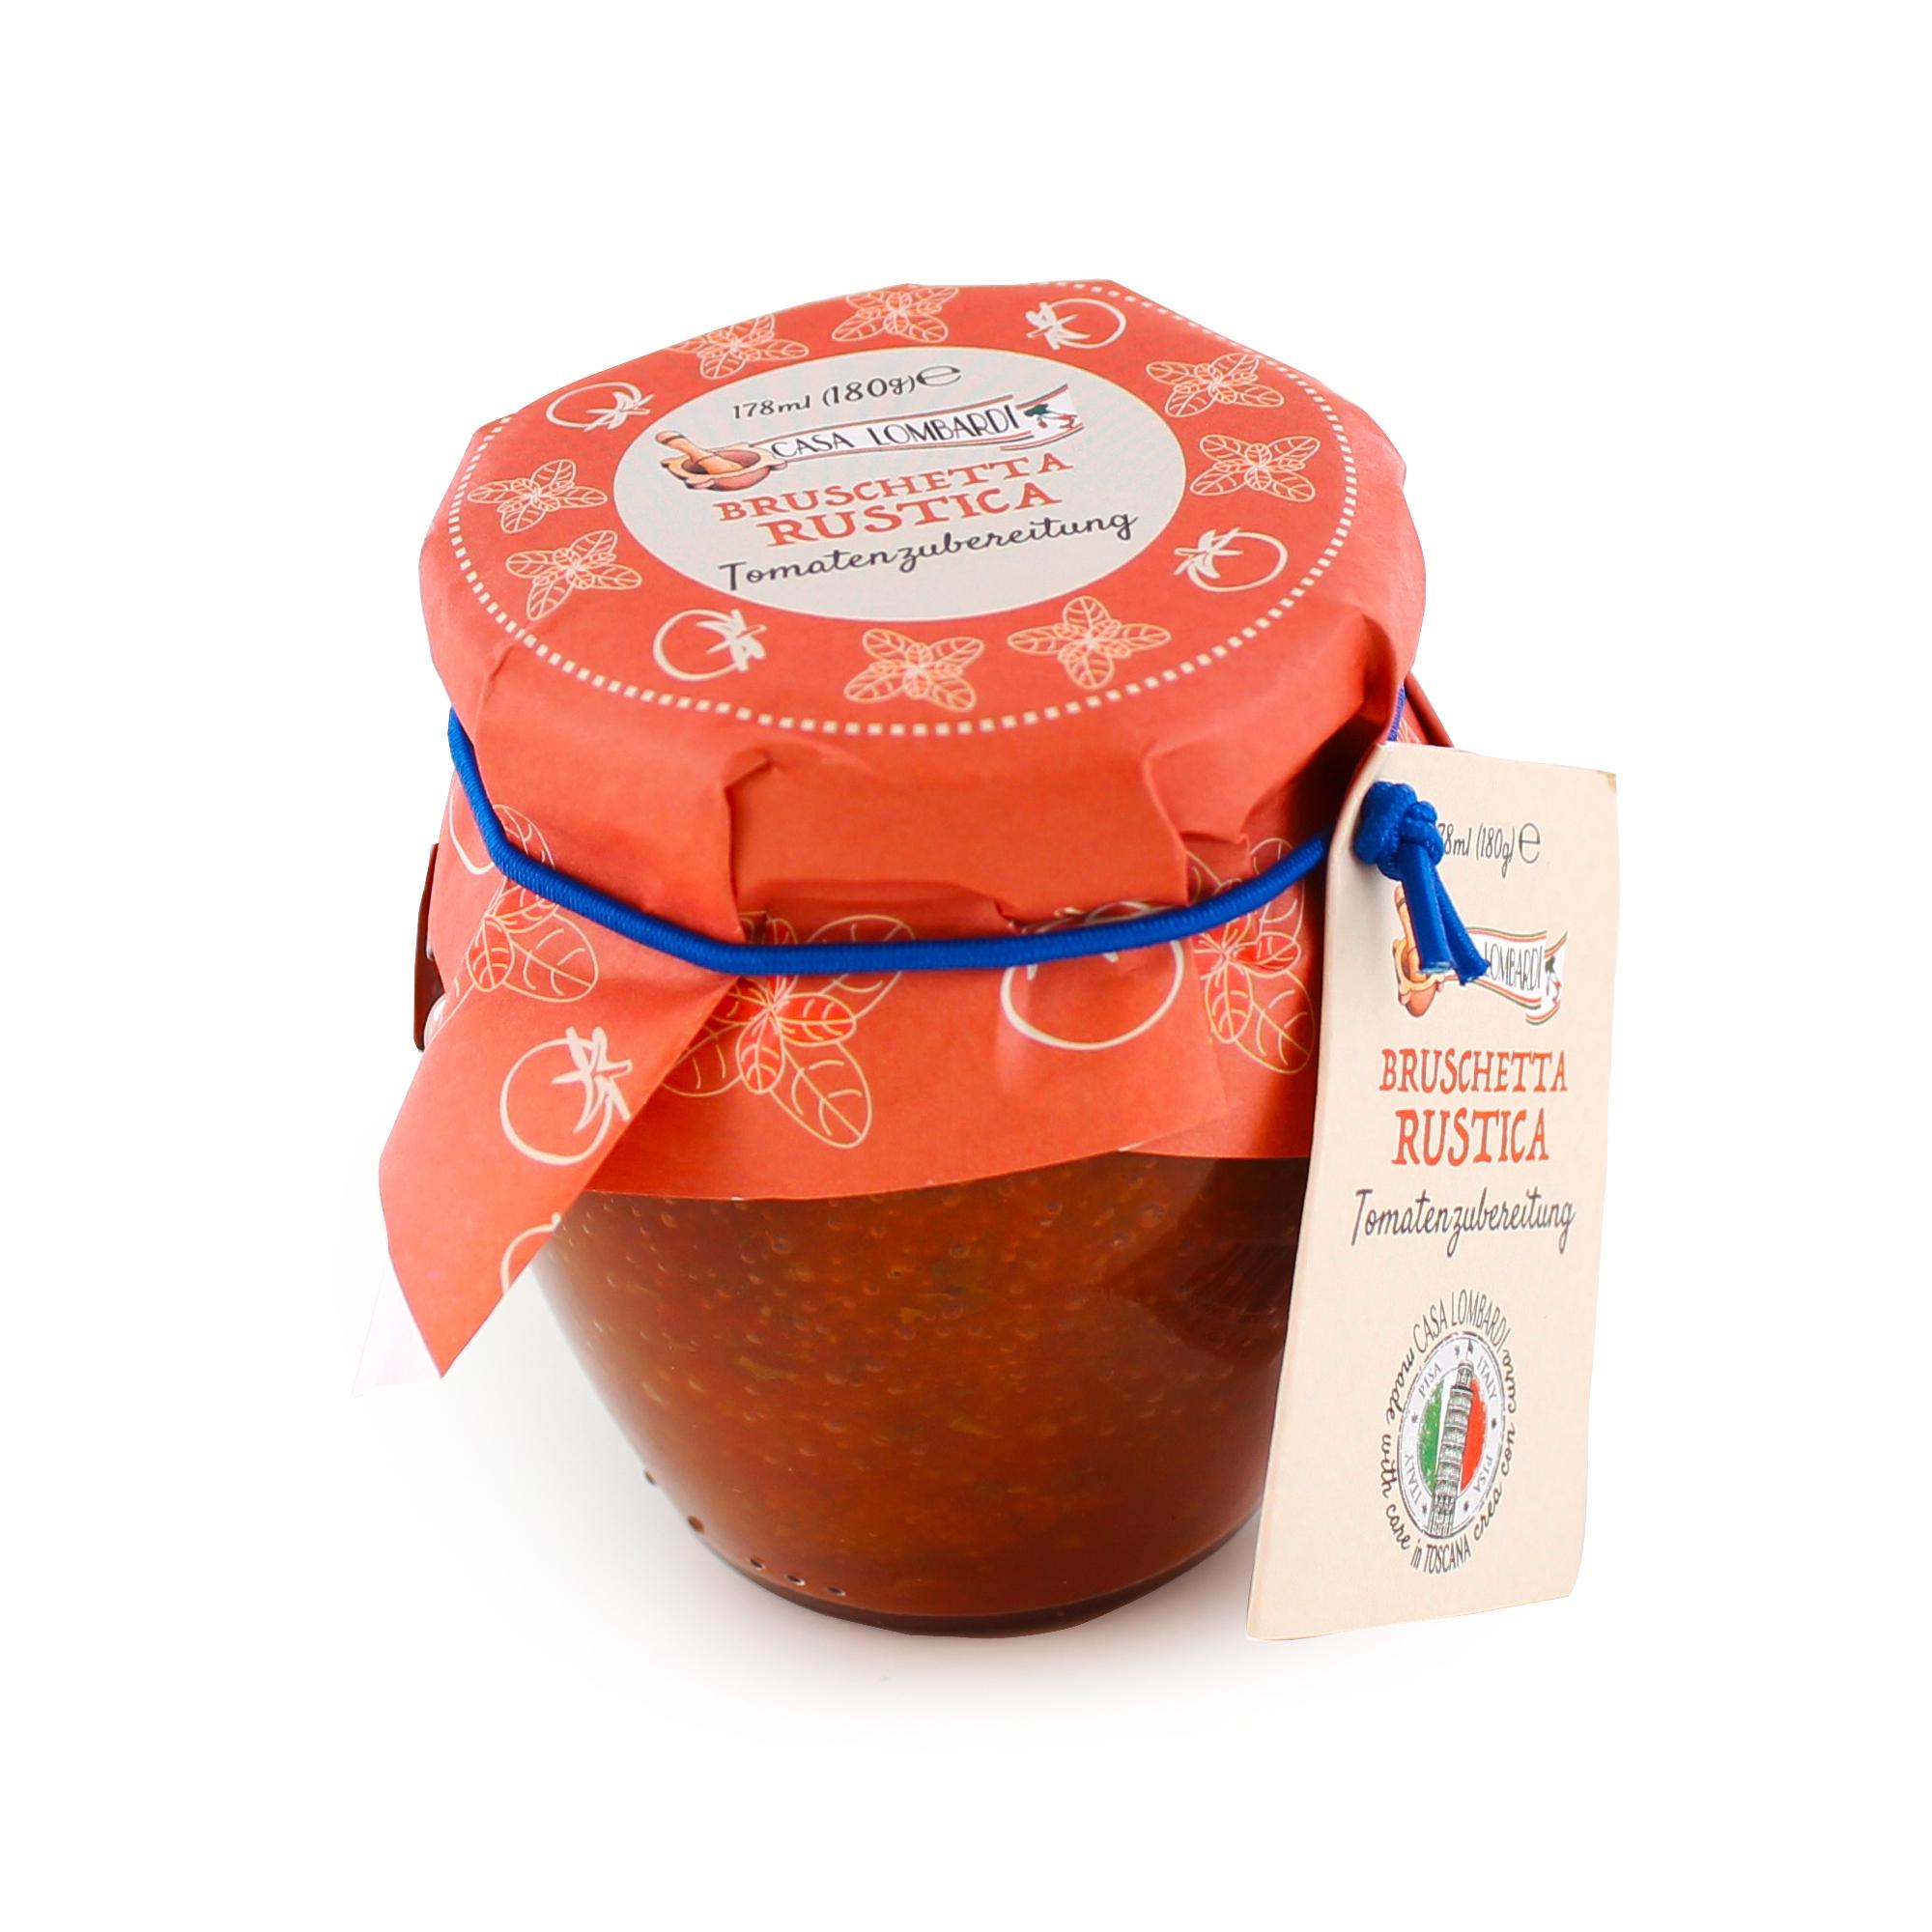 Crema Lombardi Bruschetta Rustica